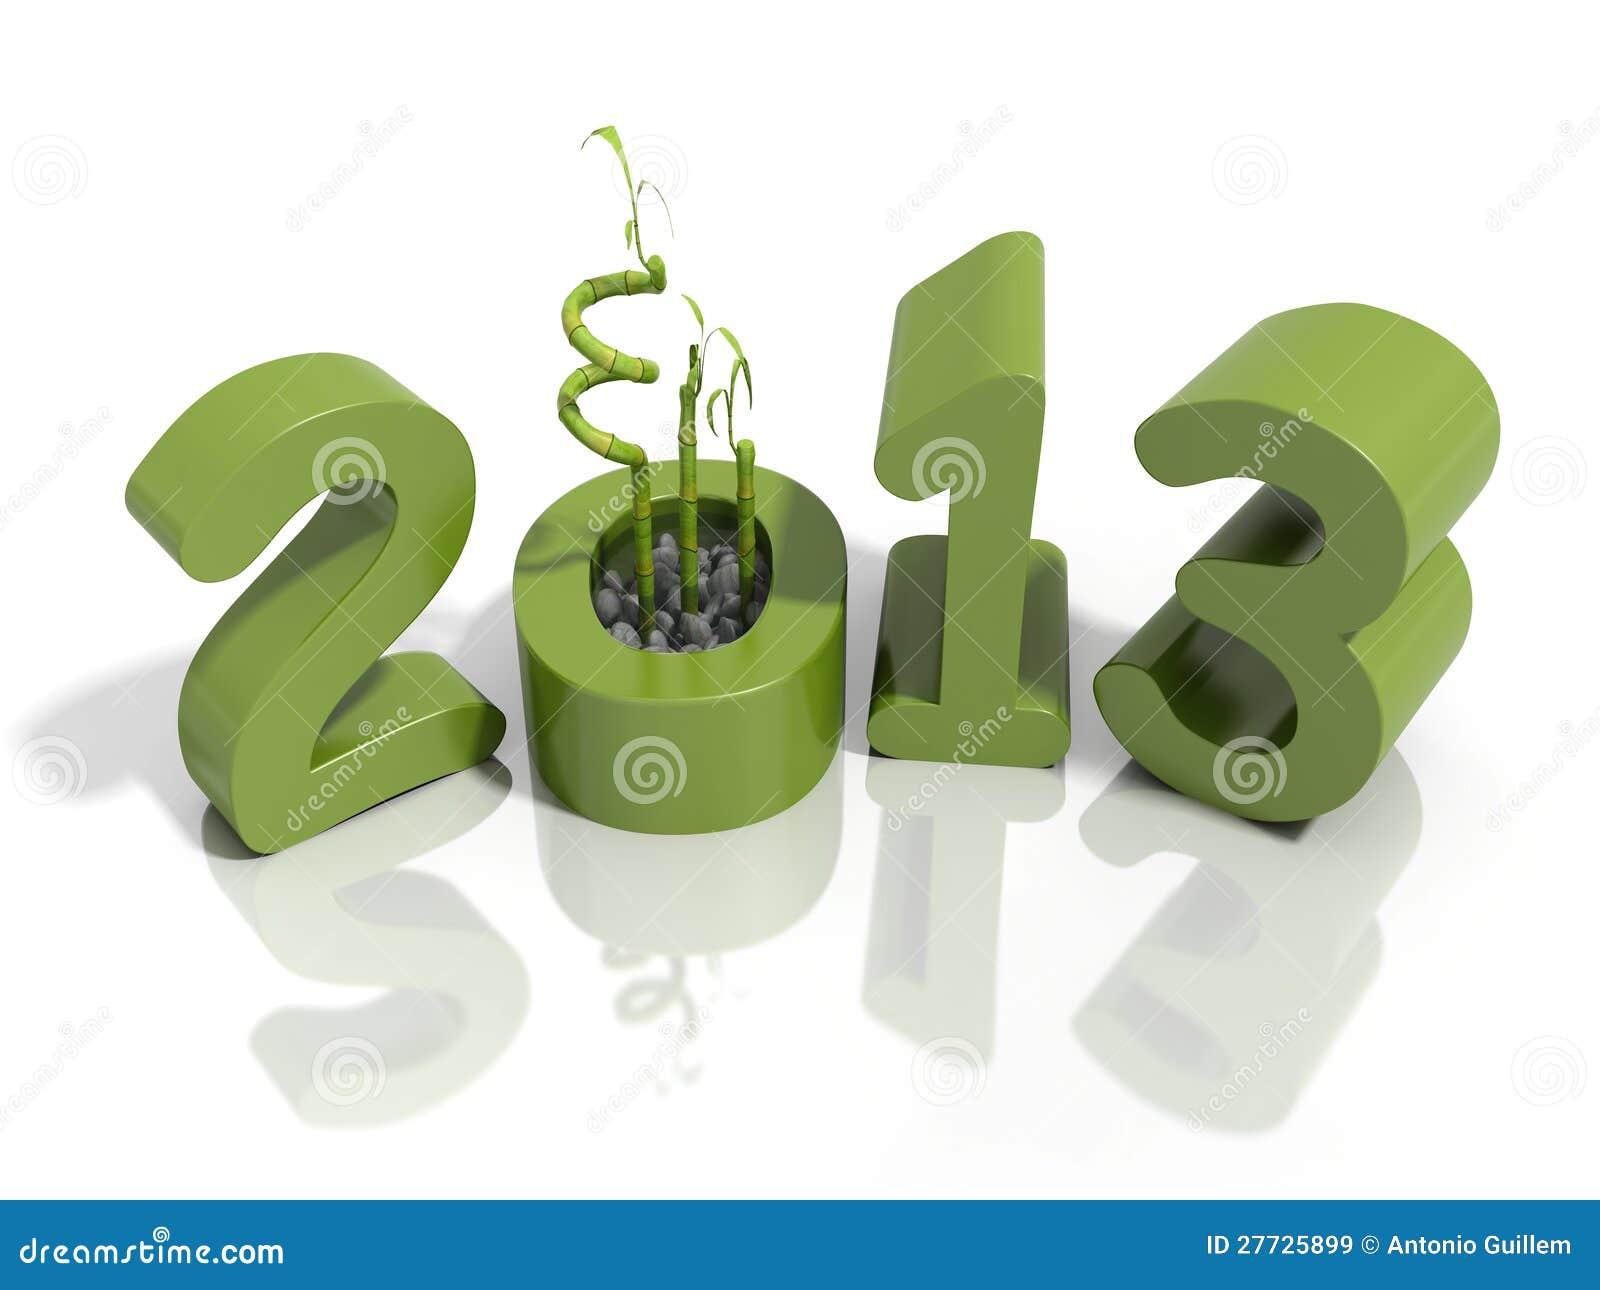 Neues Jahr 2013 in den grünen Zahlen mit Bambus